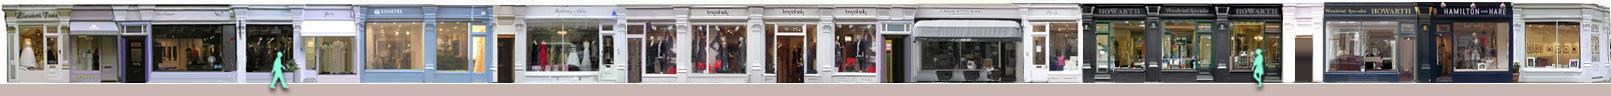 Shops on Chiltern Street in London's marylebone-london